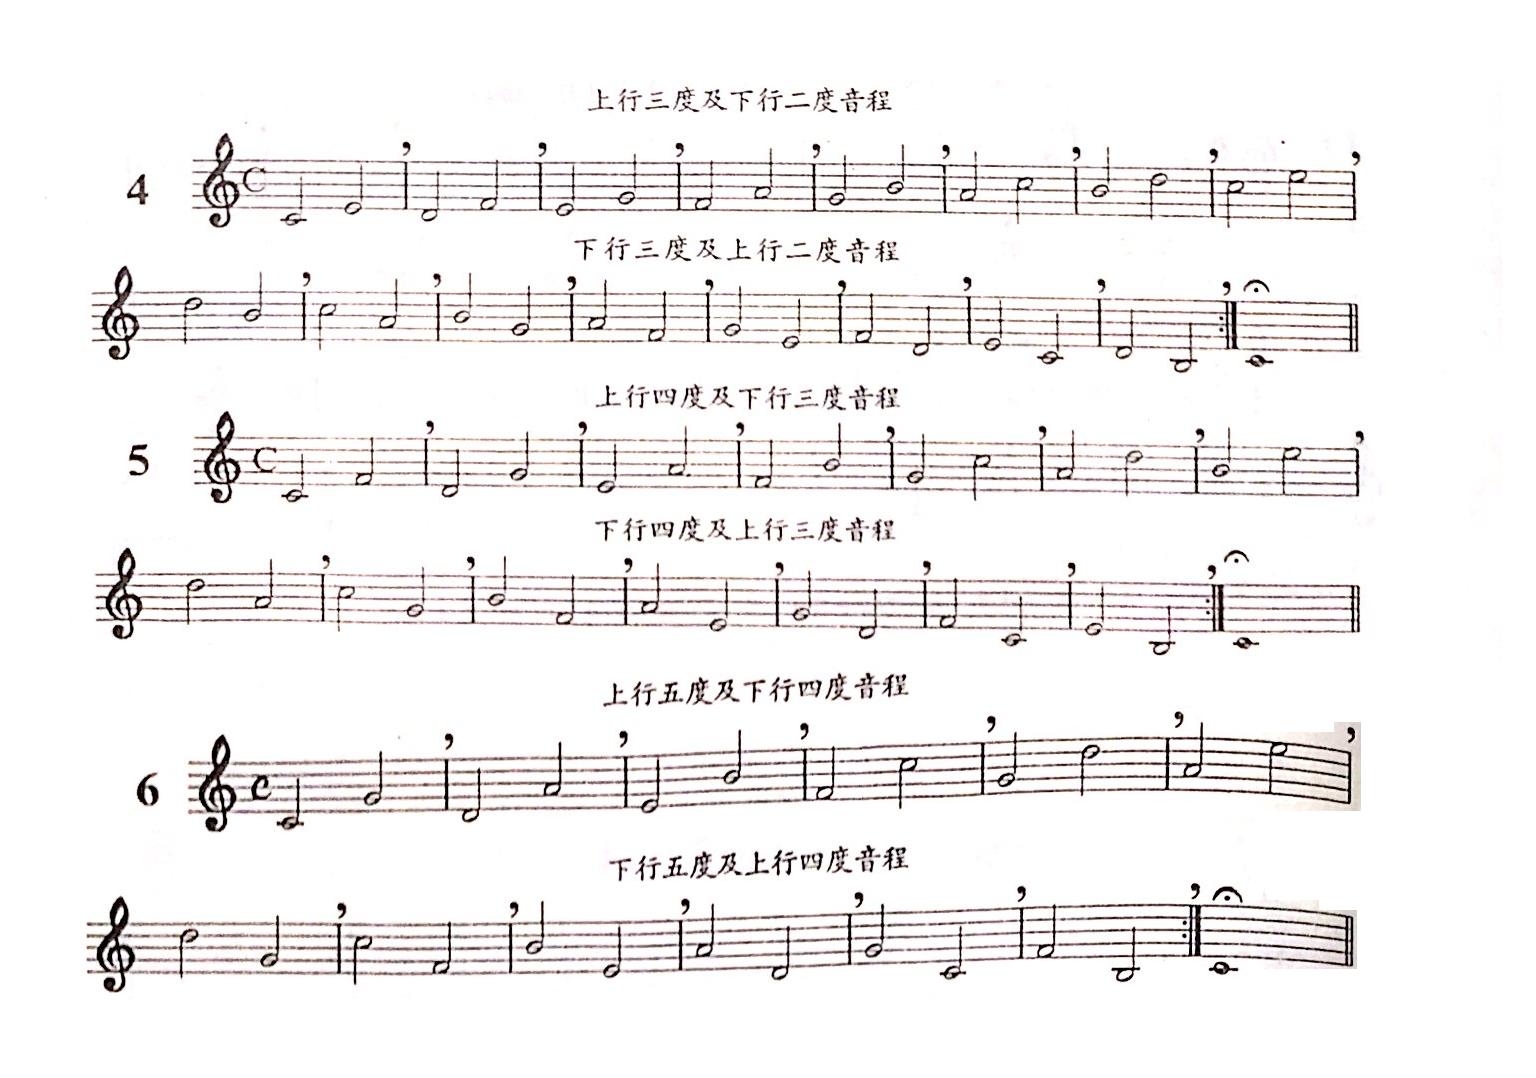 古筝五线谱进阶 8次播放 零基础学名曲之《渔舟唱晚》节选 813次播放